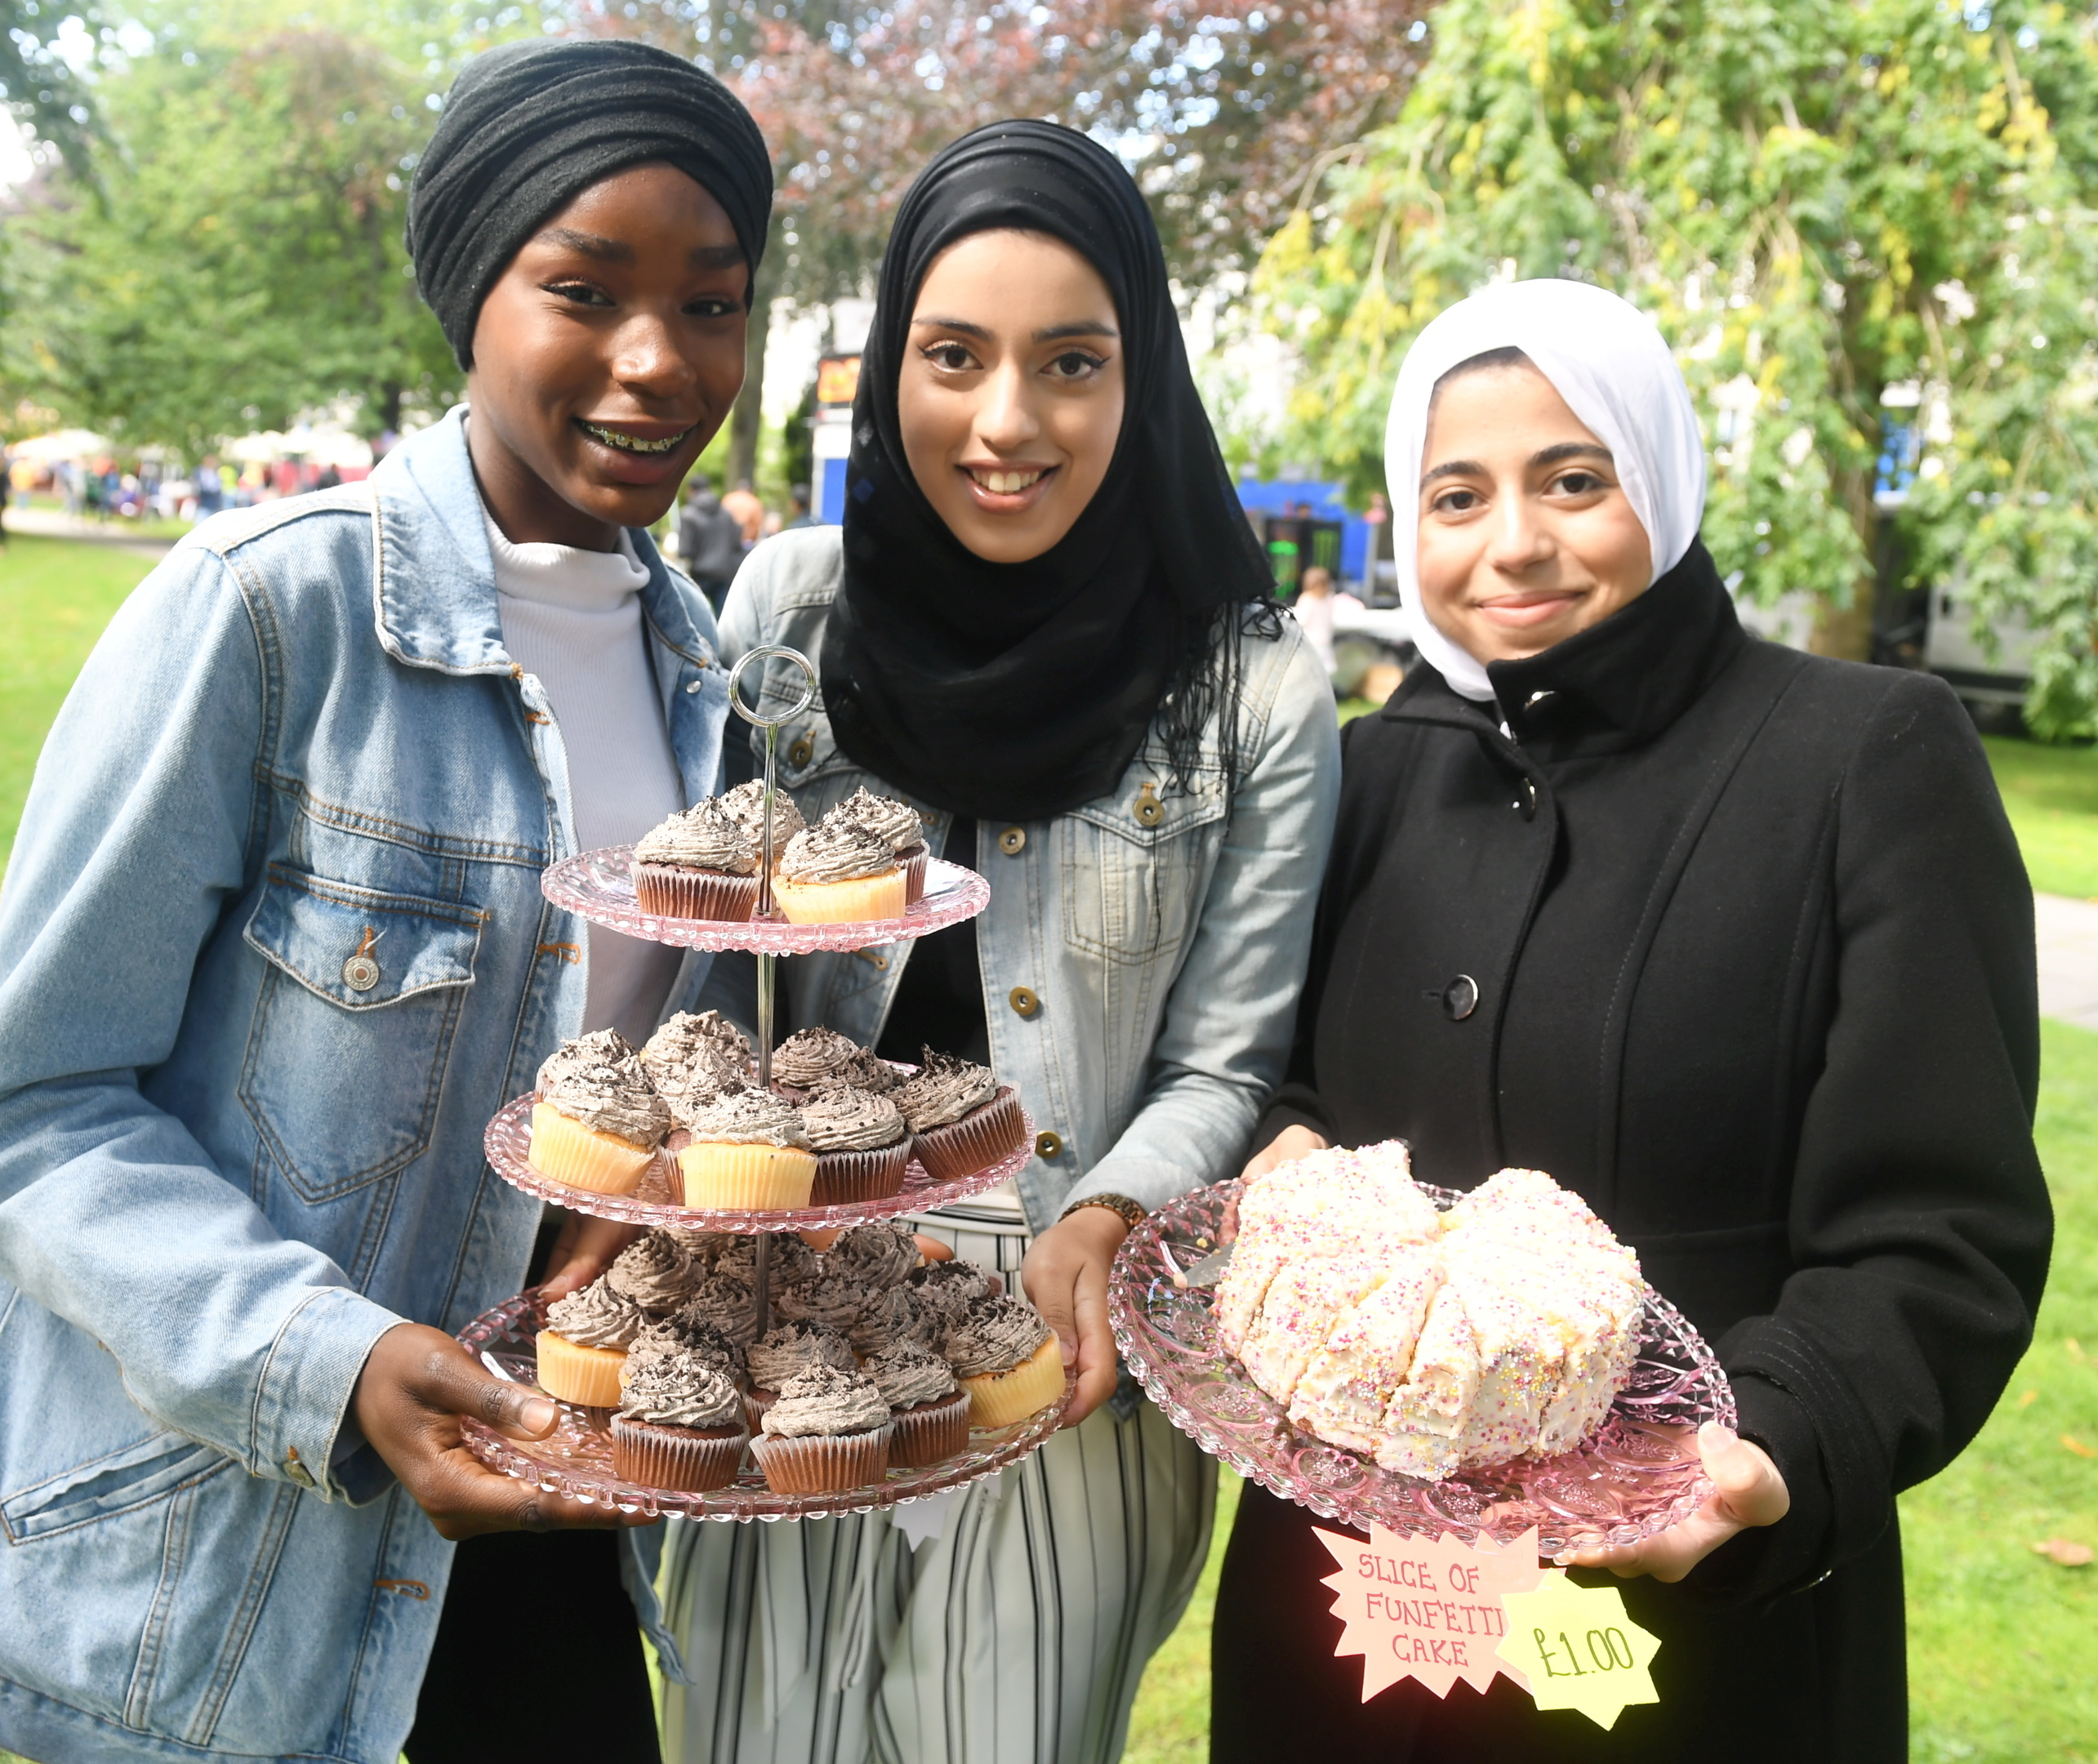 Rahinat Muhammad, Nida Wani and Fatima Ghanduri.